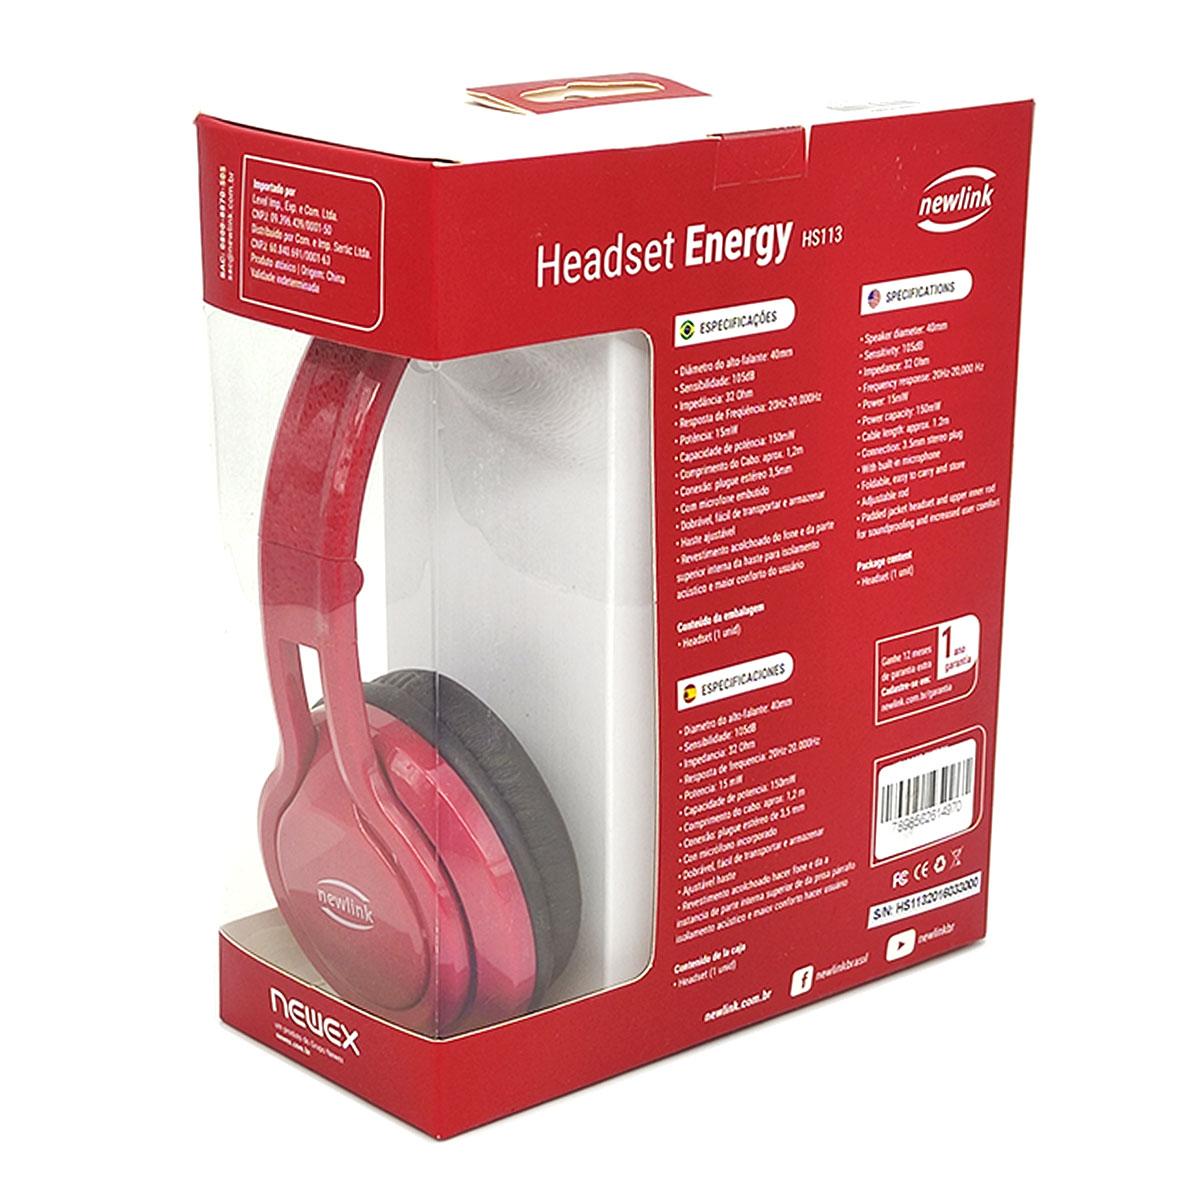 Fone de Ouvido NewLink Energy HS113, P2 3.5mm, Dobrável, Vermelho